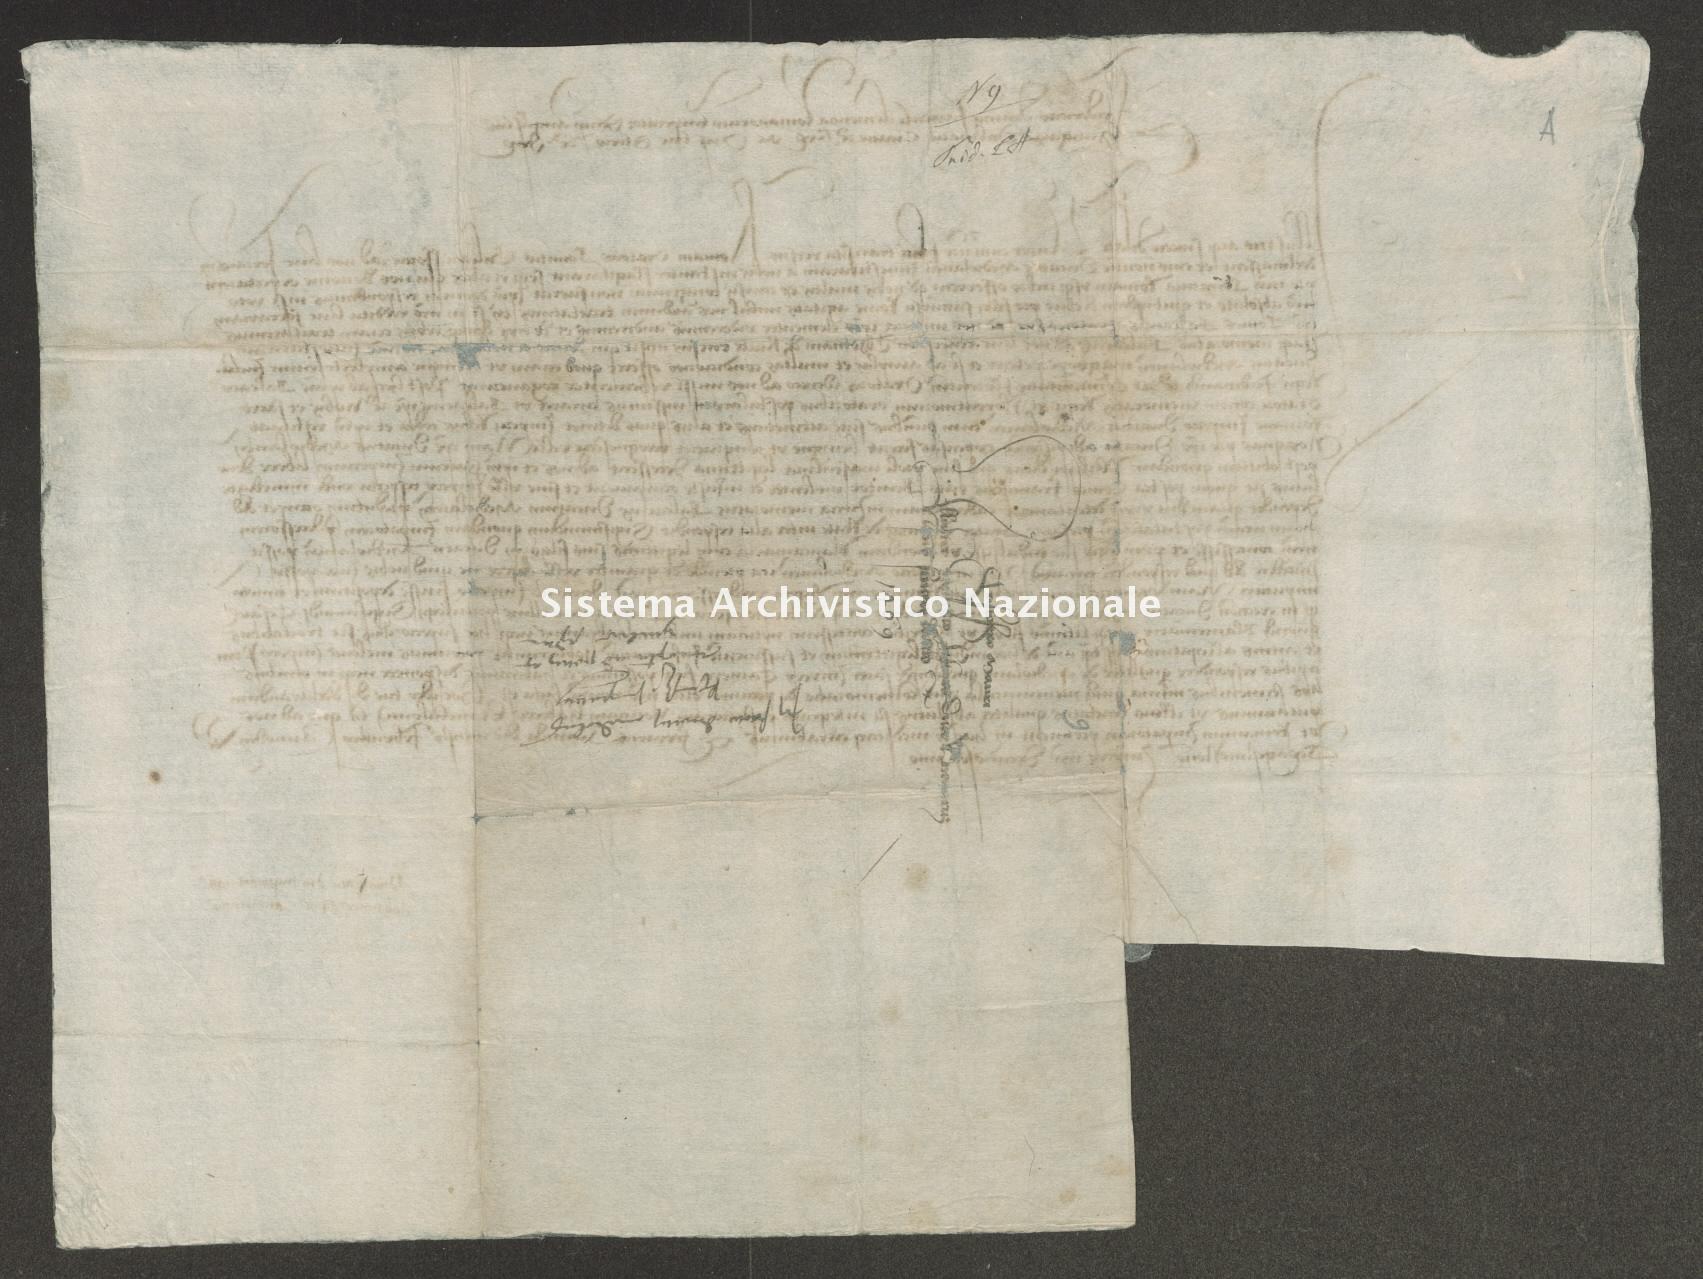 Archivio di Stato di Trento, Capitolo del Duomo di Trento, Pergamena ITASTNCAPITOLODUOMON1240